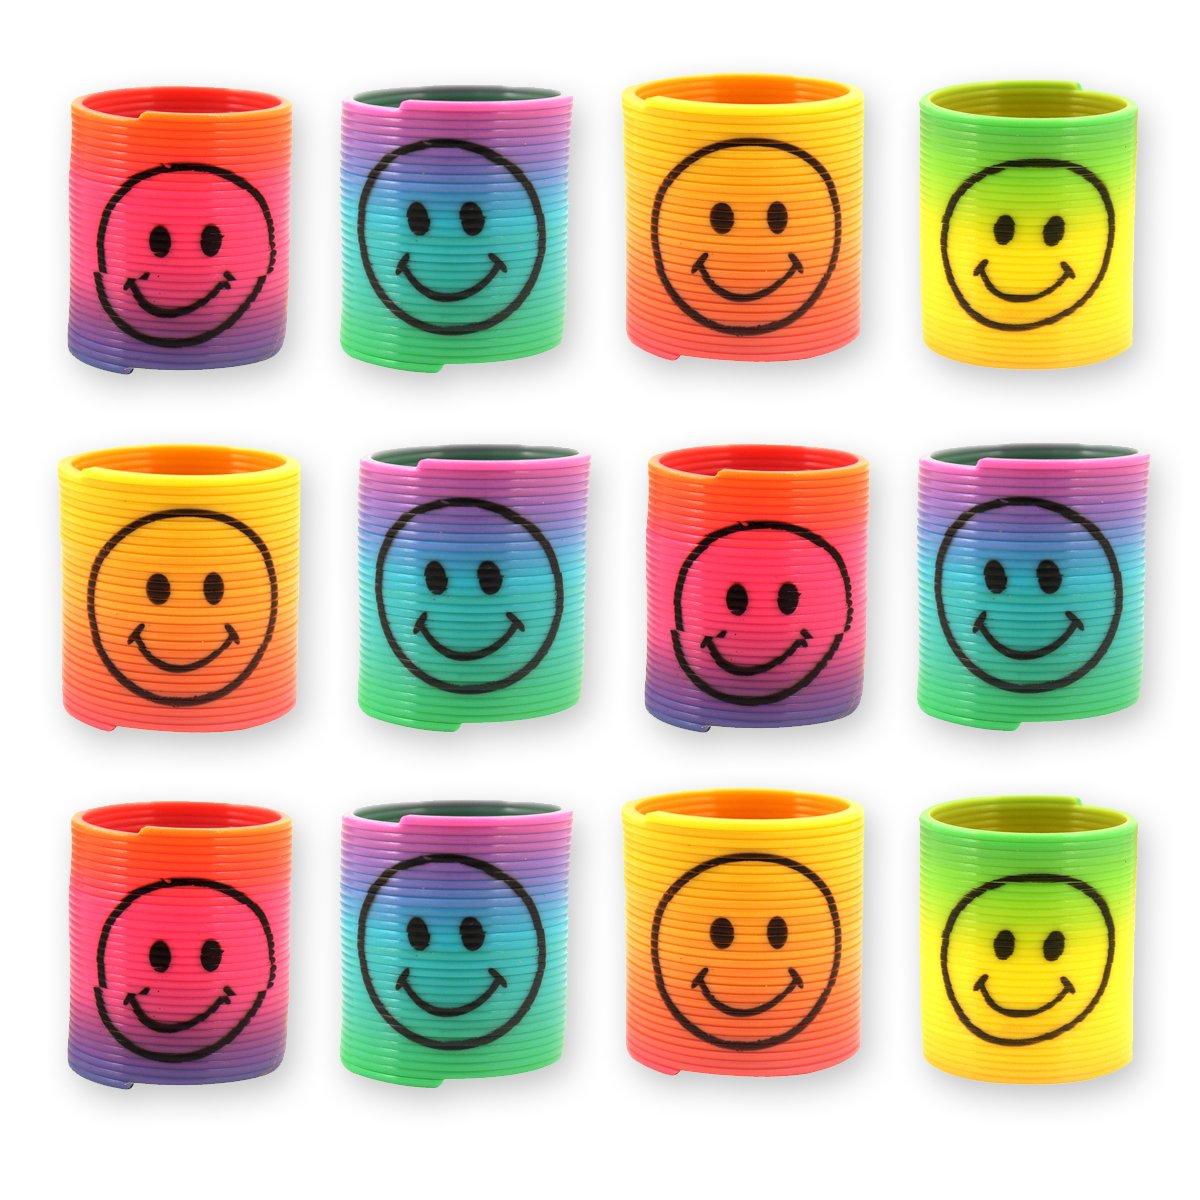 Kindergeburtstag Gastgeschenke Smiley Regenbogen Spiralen Paket von Party Pack/™ 12x Spirale Spielzeug f// f/ür Kinder-Geburtstag Jungen und M/ädchen Mitgebsel